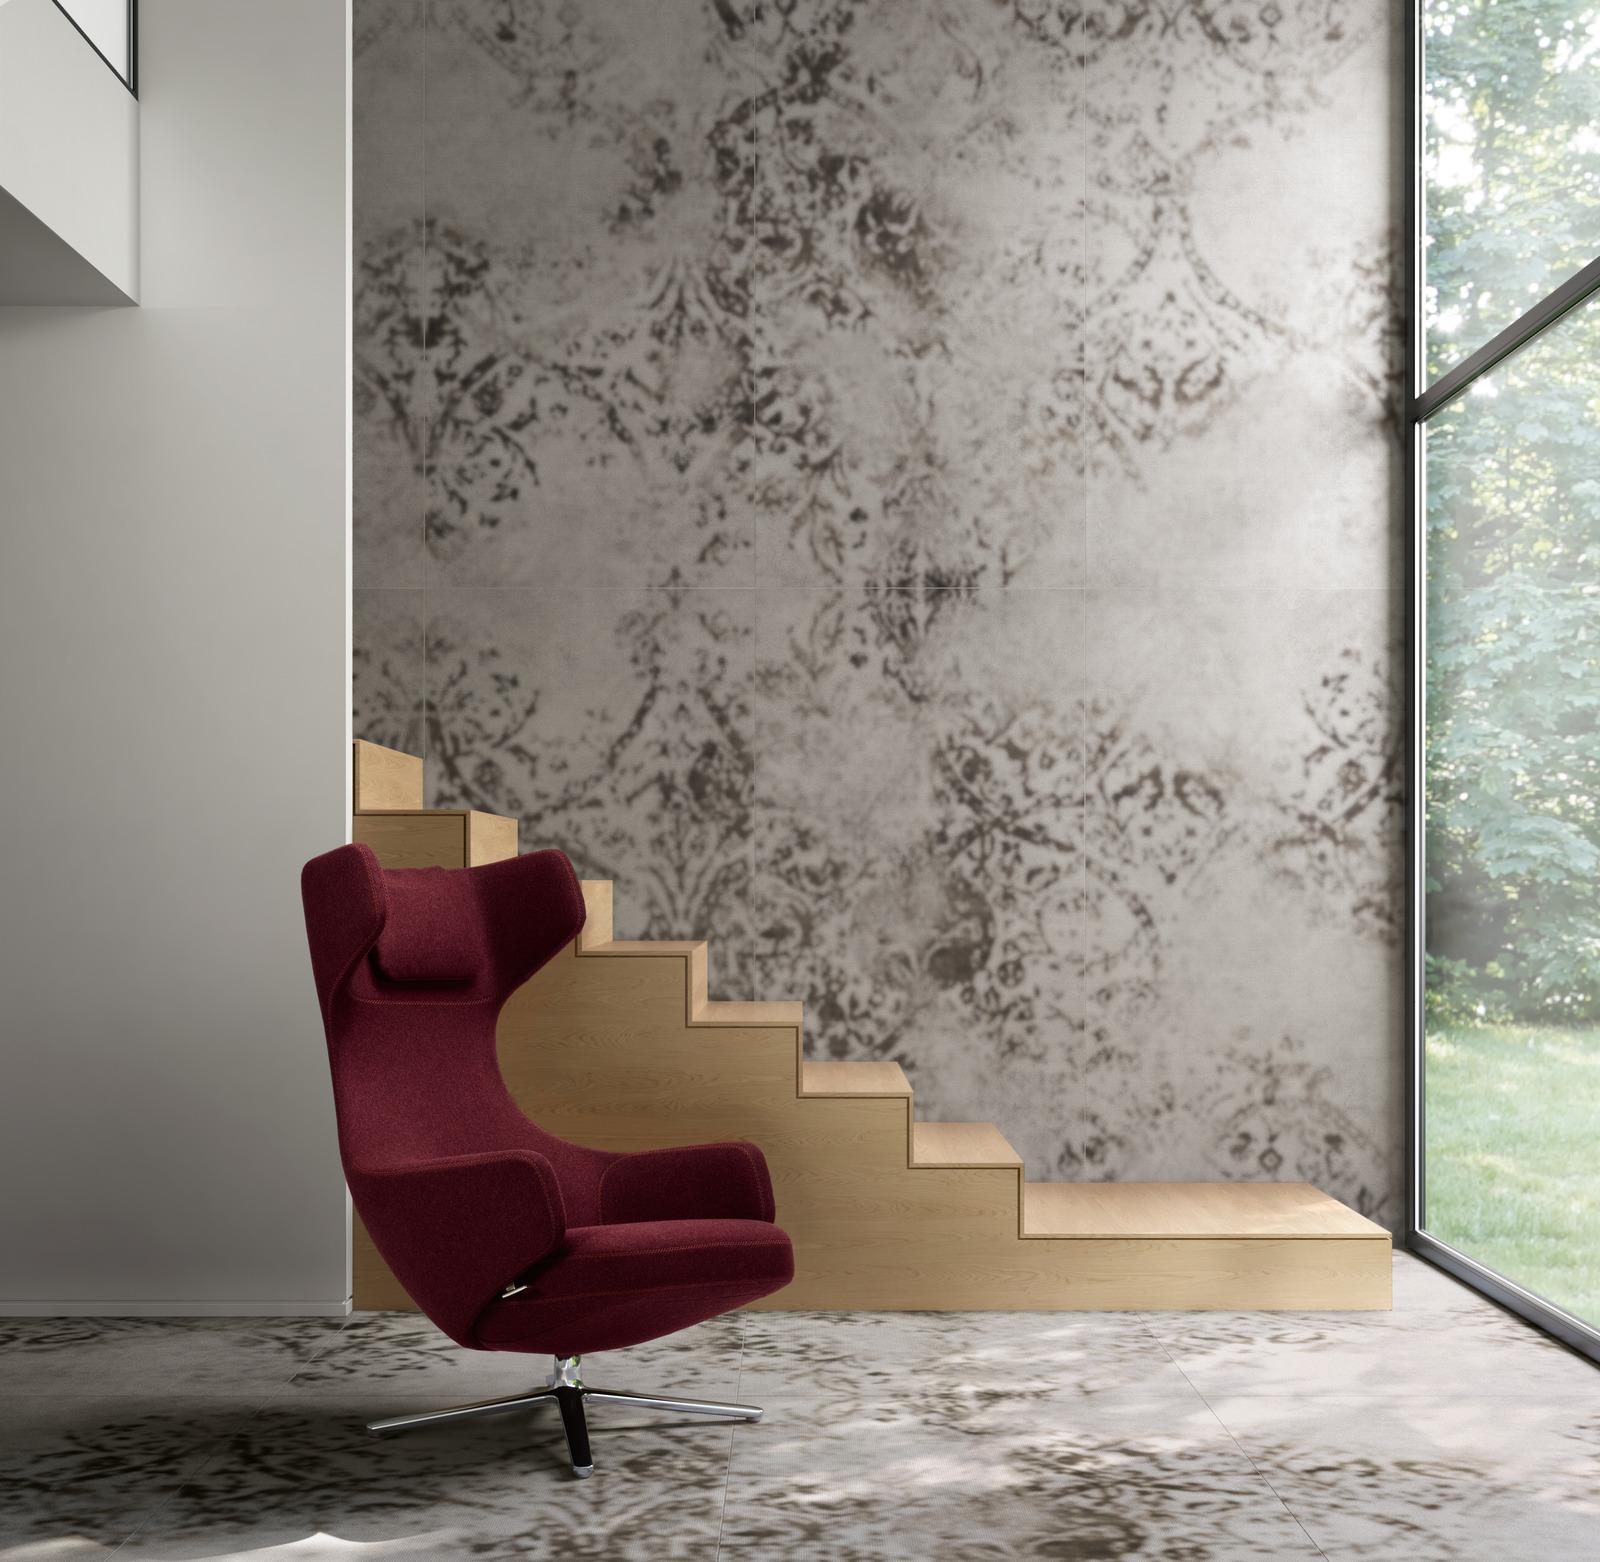 grand carpet design cpv betonoptik cottooptik wohnzimmer